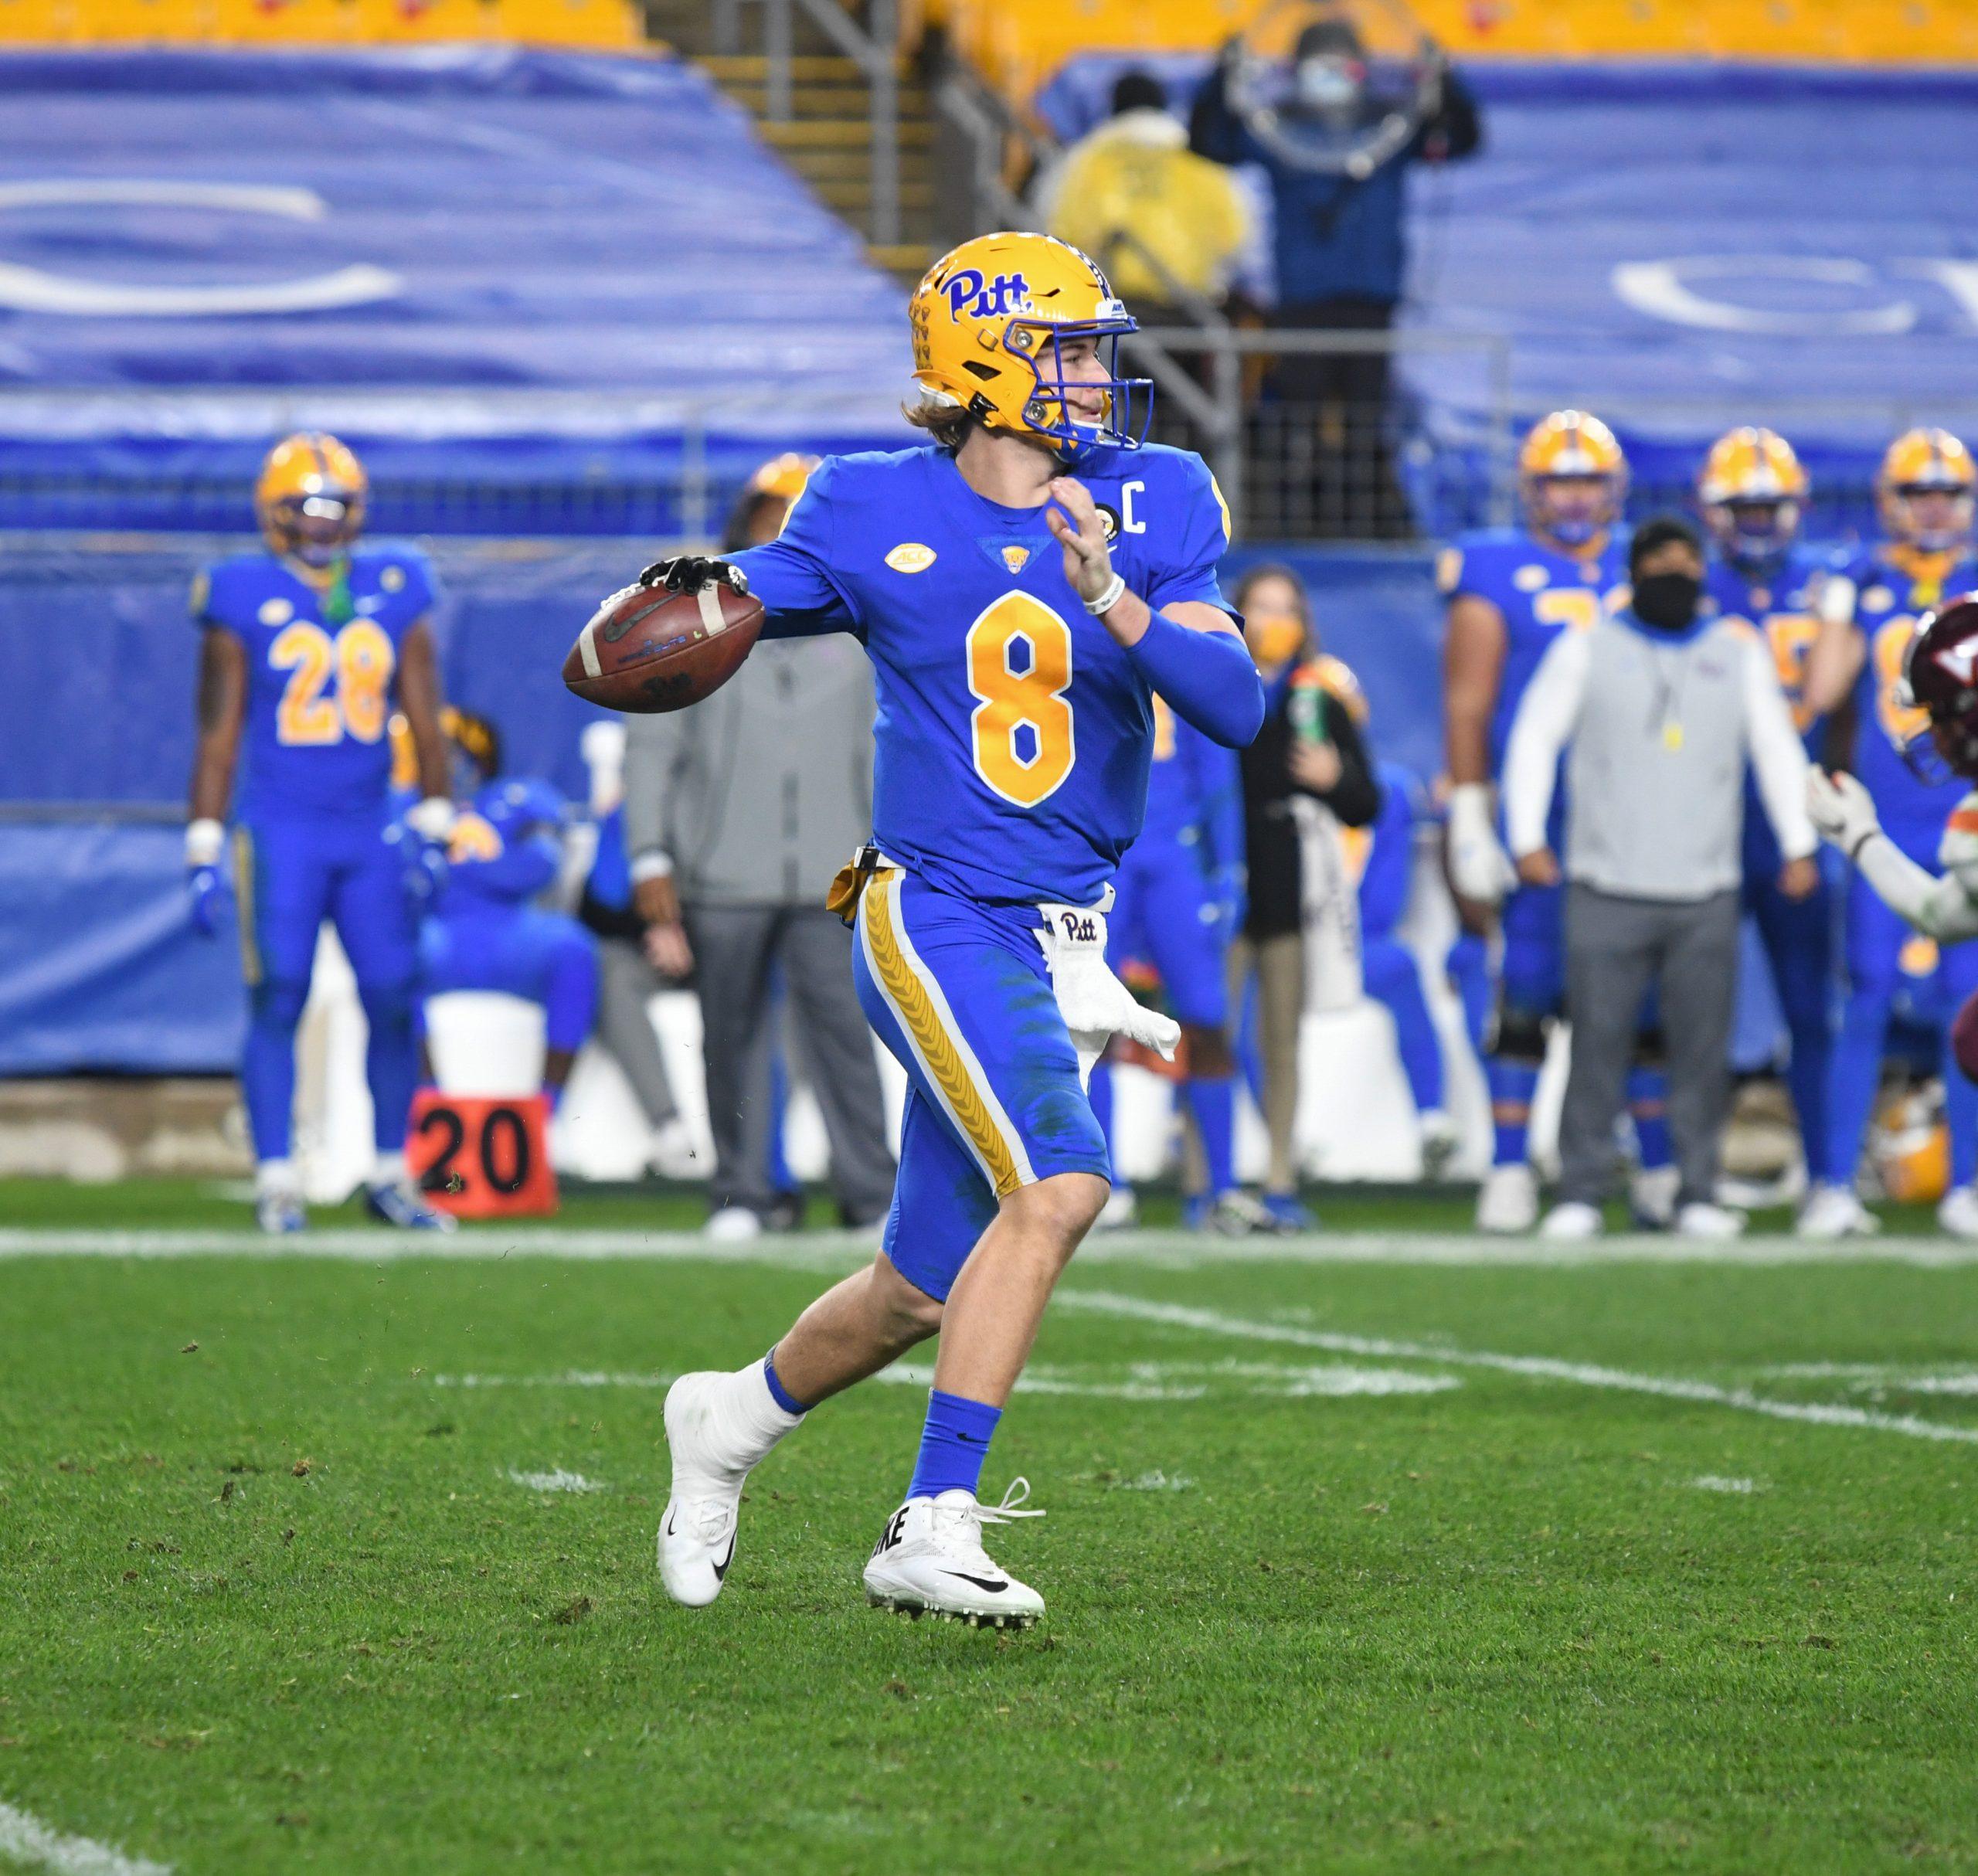 Pitt quarterback Kenny Pickett in action against Virginia Tech in 2020. (photo: Pitt Athletics)